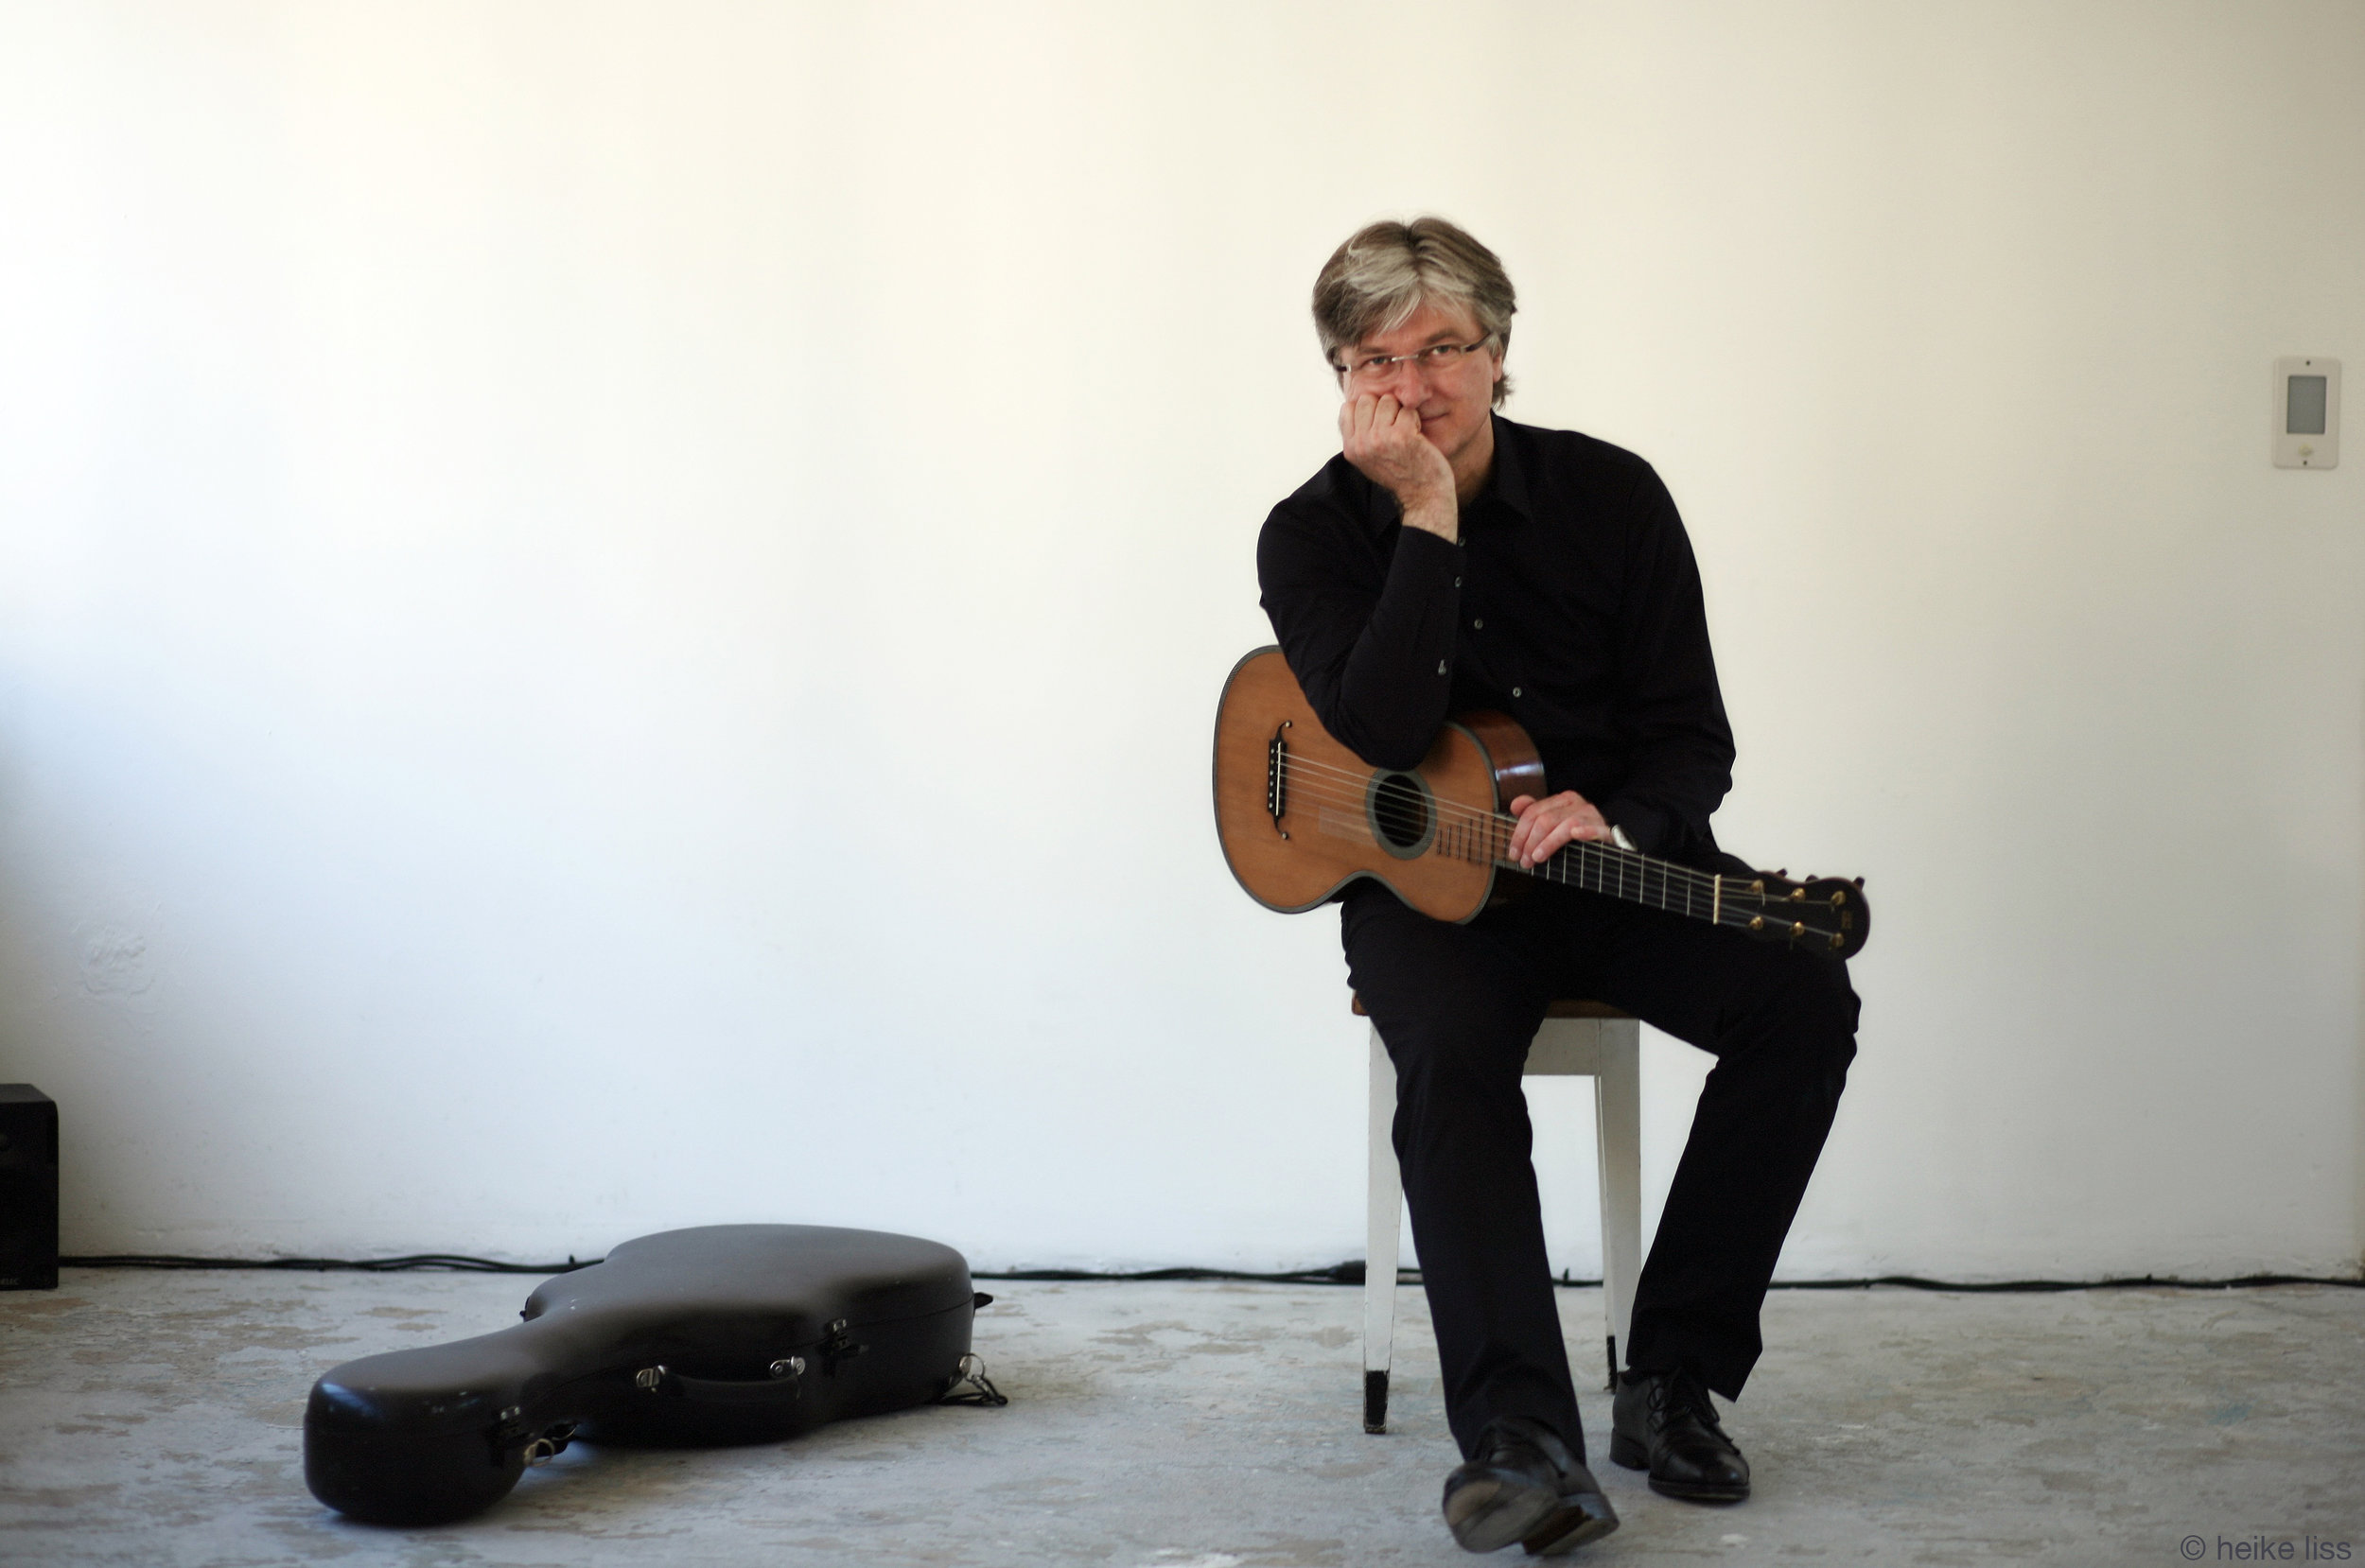 Stephan Schmidt, guitarist © Heike Liss